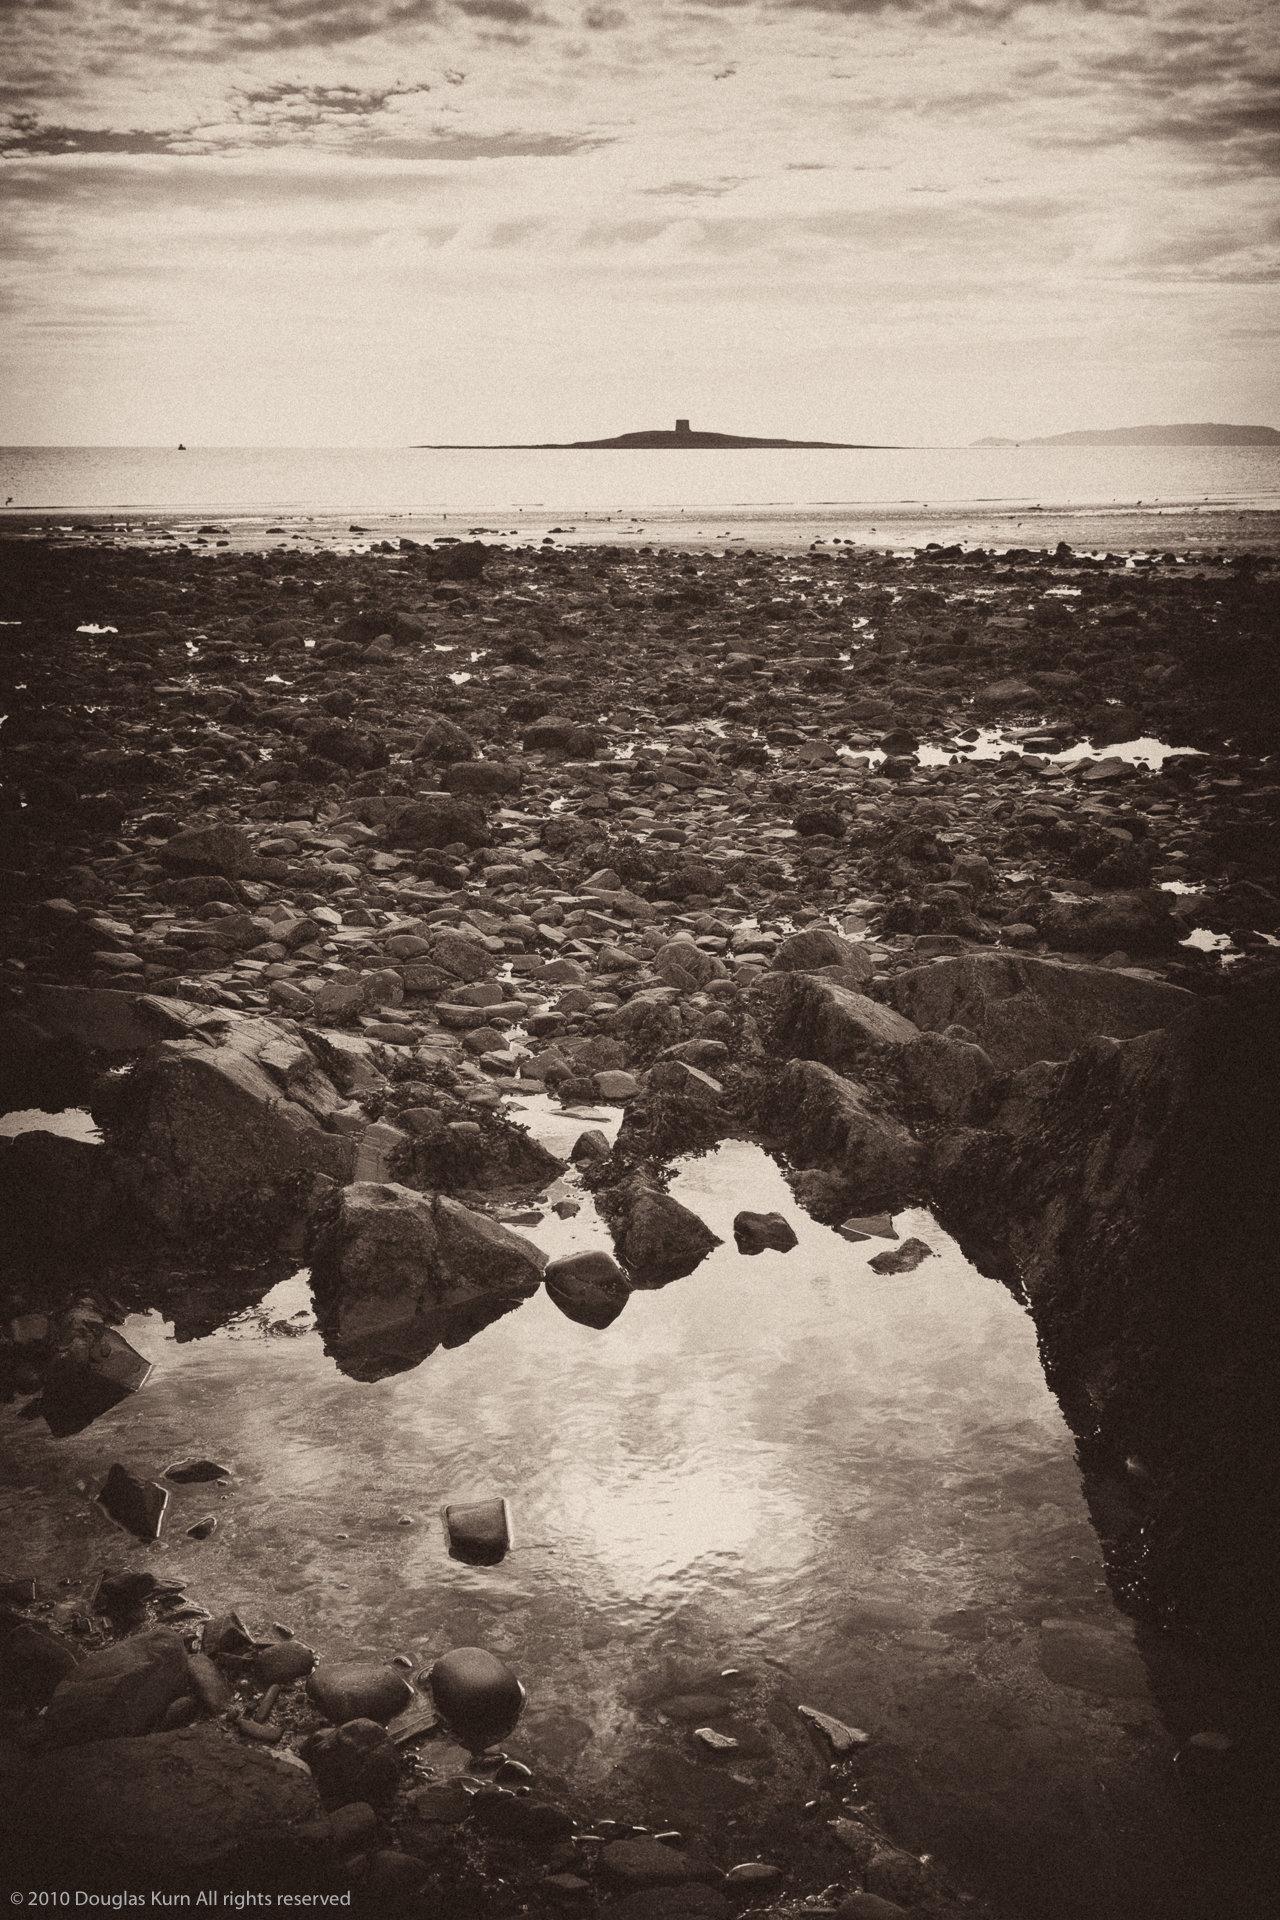 Shenick Island, Skerries